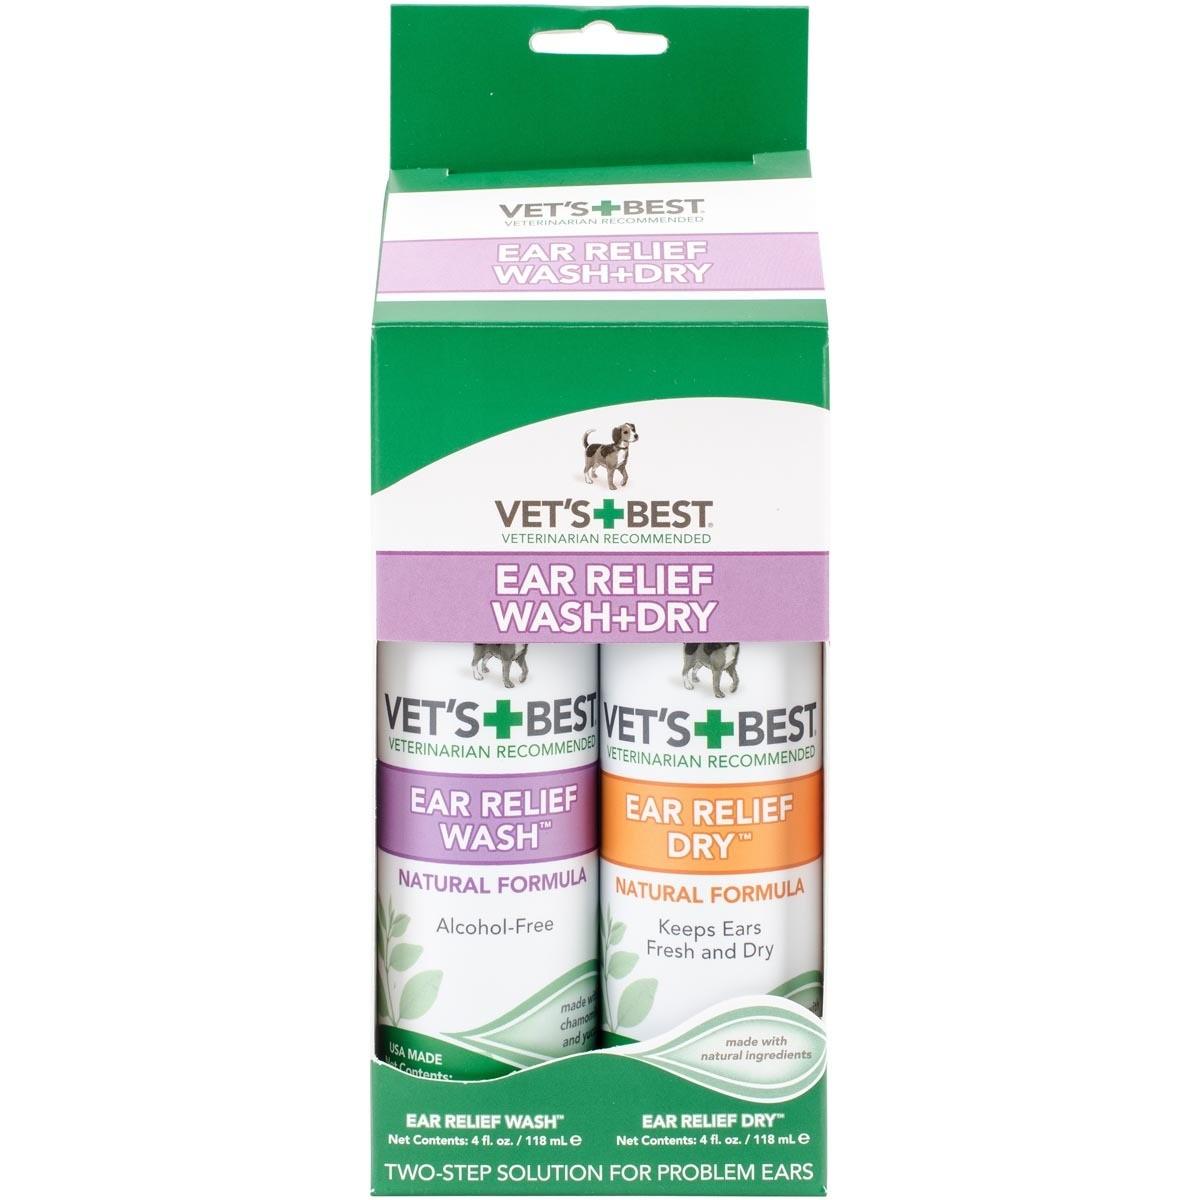 Vet's Best Ear Relief Kit